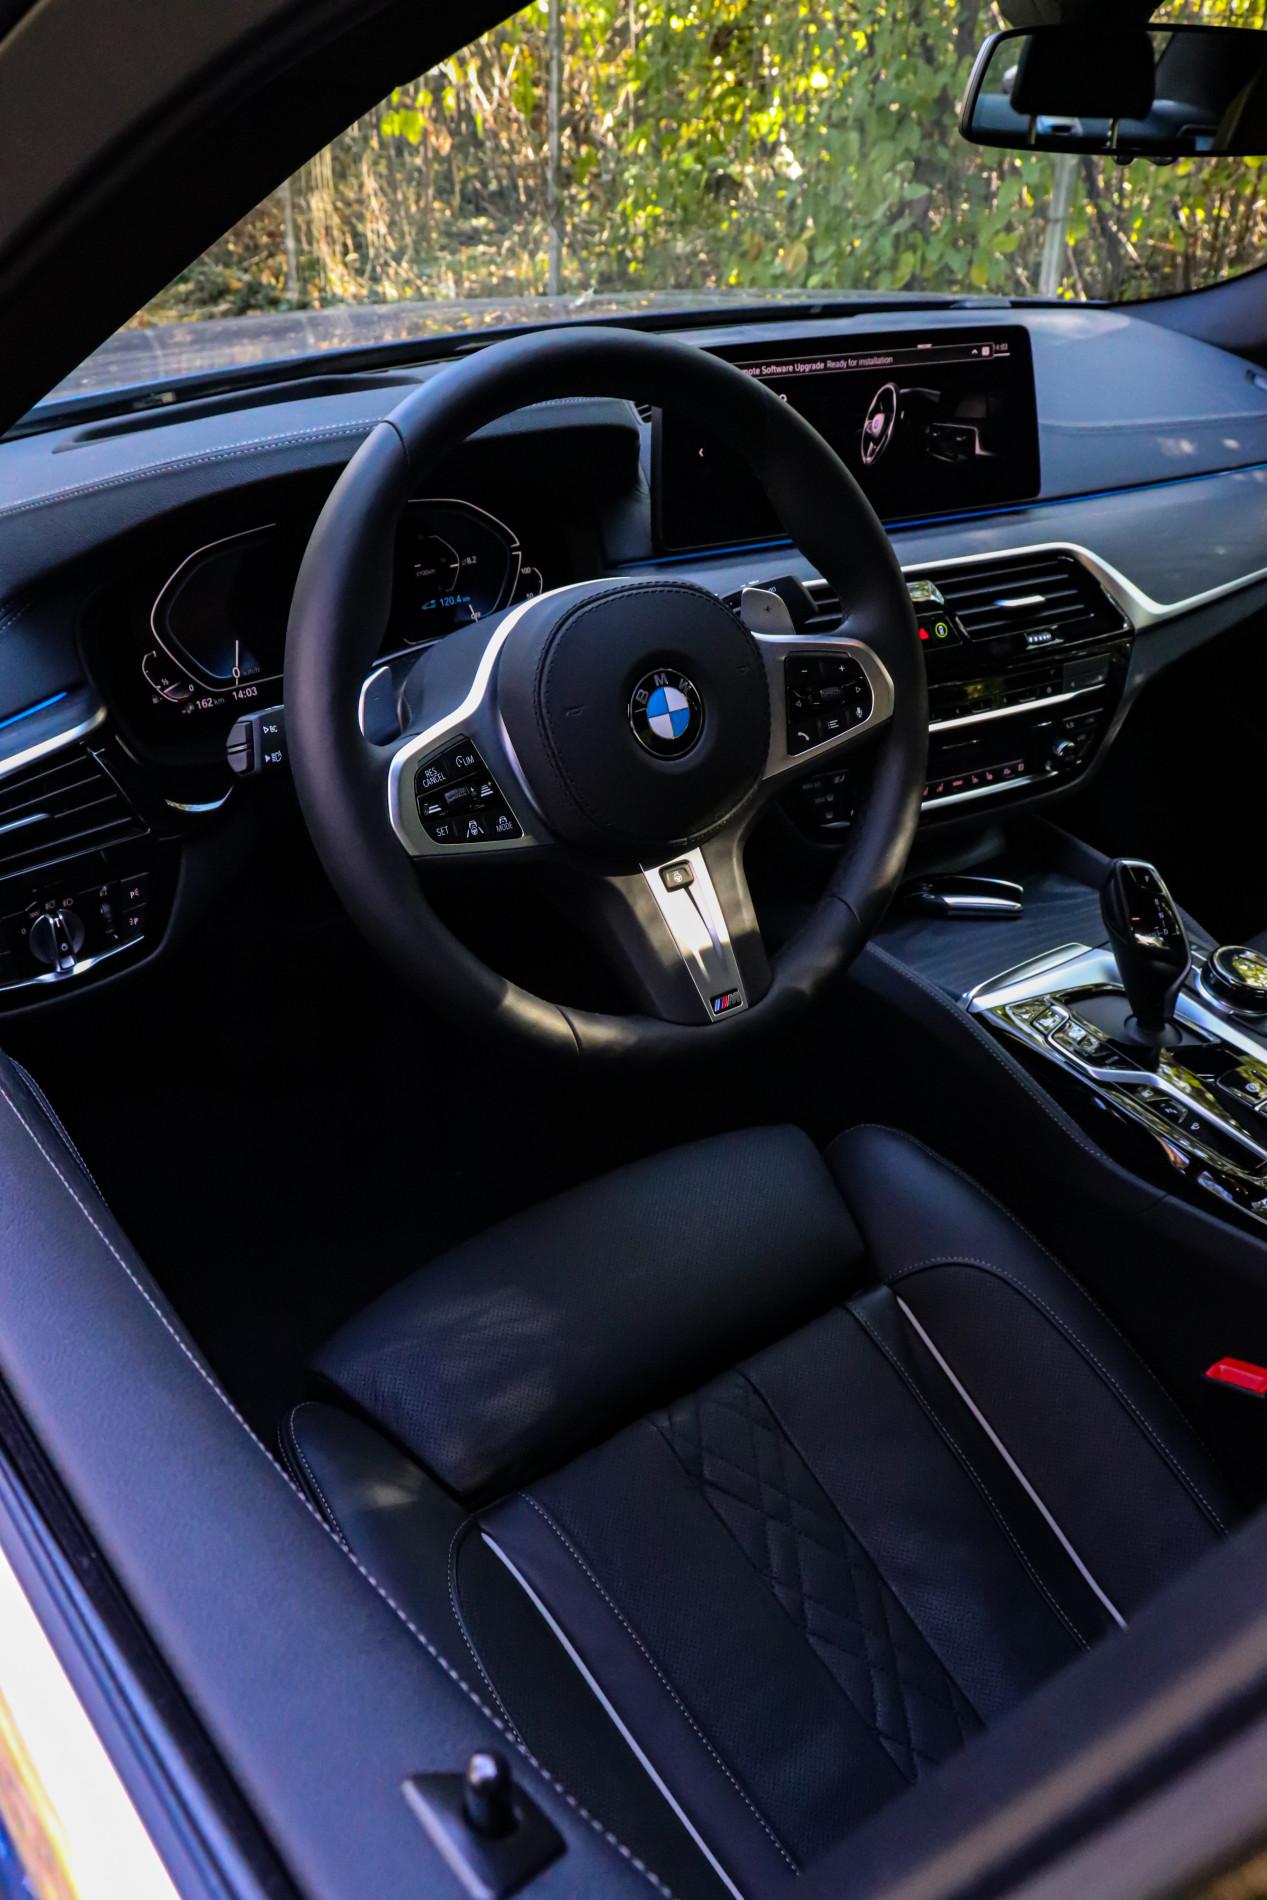 BMW 530e xDrive Sedan - BMW 530e xDrive Sedan